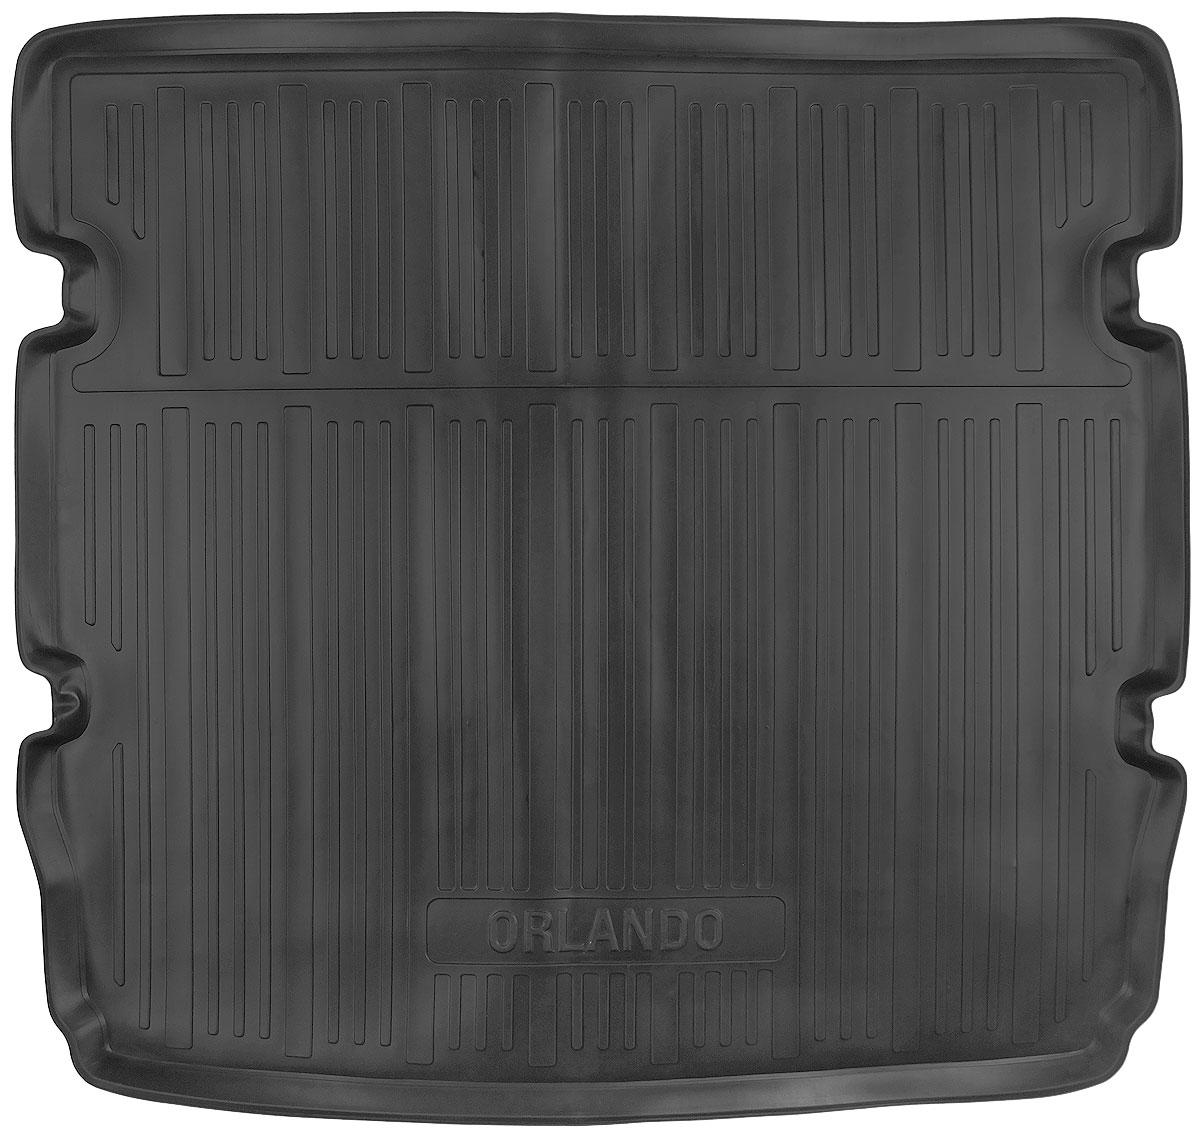 Коврик в багажник L.Locker, для Chevrolet Orlando (10-) EU ver. 5 мест0107110301Коврик L.Locker производится индивидуально для каждой модели автомобиля из современного и экологически чистого материала. Изделие точно повторяет геометрию пола автомобиля, имеет высокий борт, обладает повышенной износоустойчивостью, антискользящими свойствами, лишен резкого запаха и сохраняет свои потребительские свойства в широком диапазоне температур (от -50°С до +80°С).